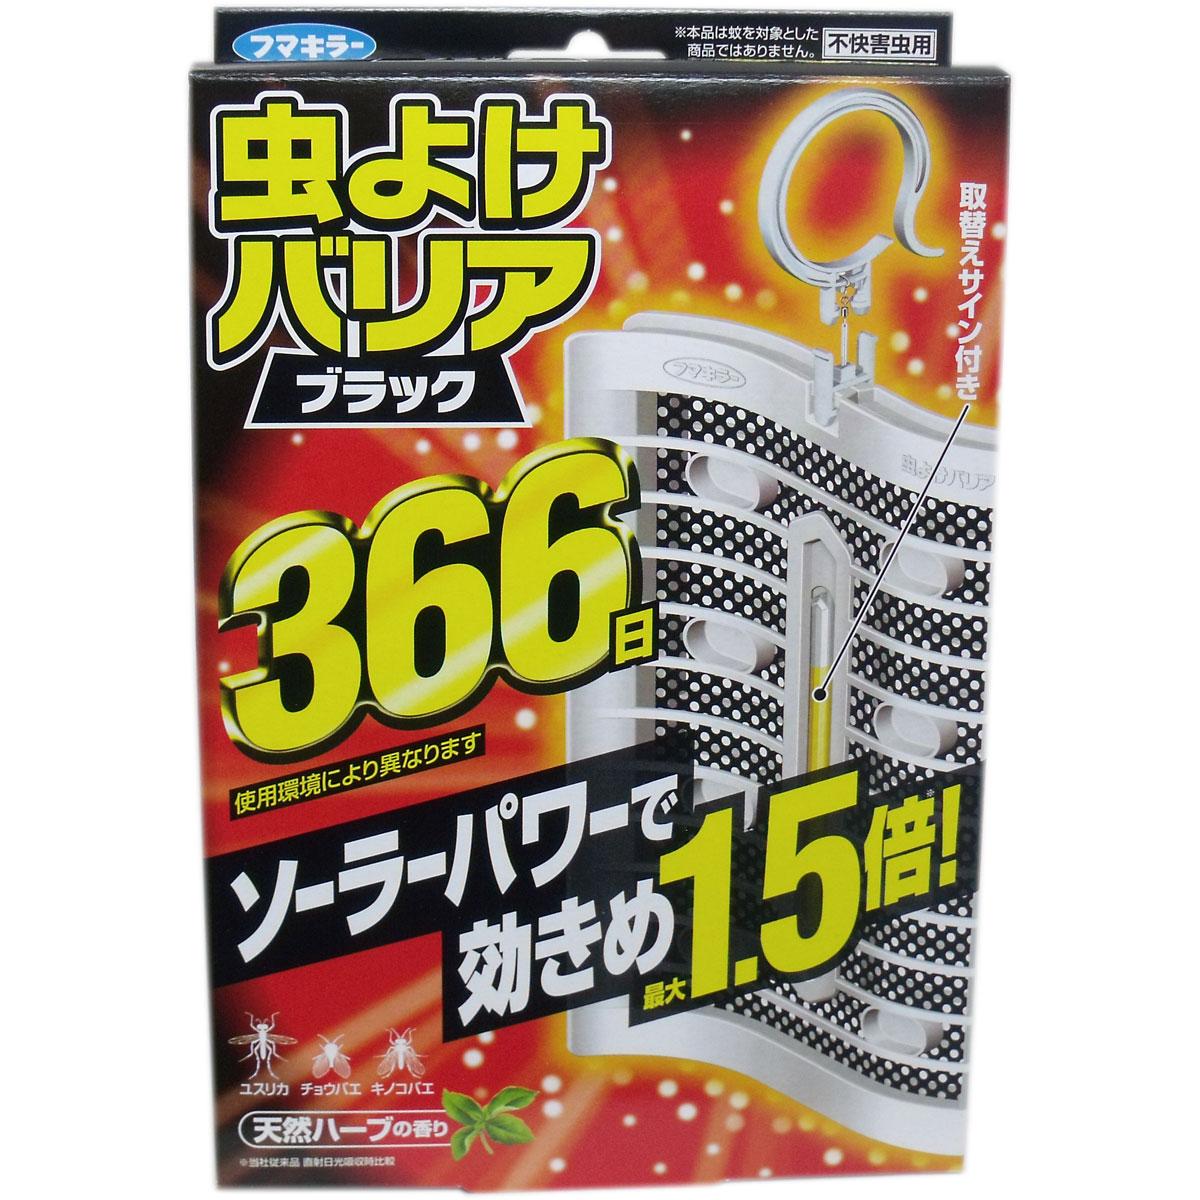 [数量限定] フマキラー 虫よけバリア ブラック 不快害虫用 366日用